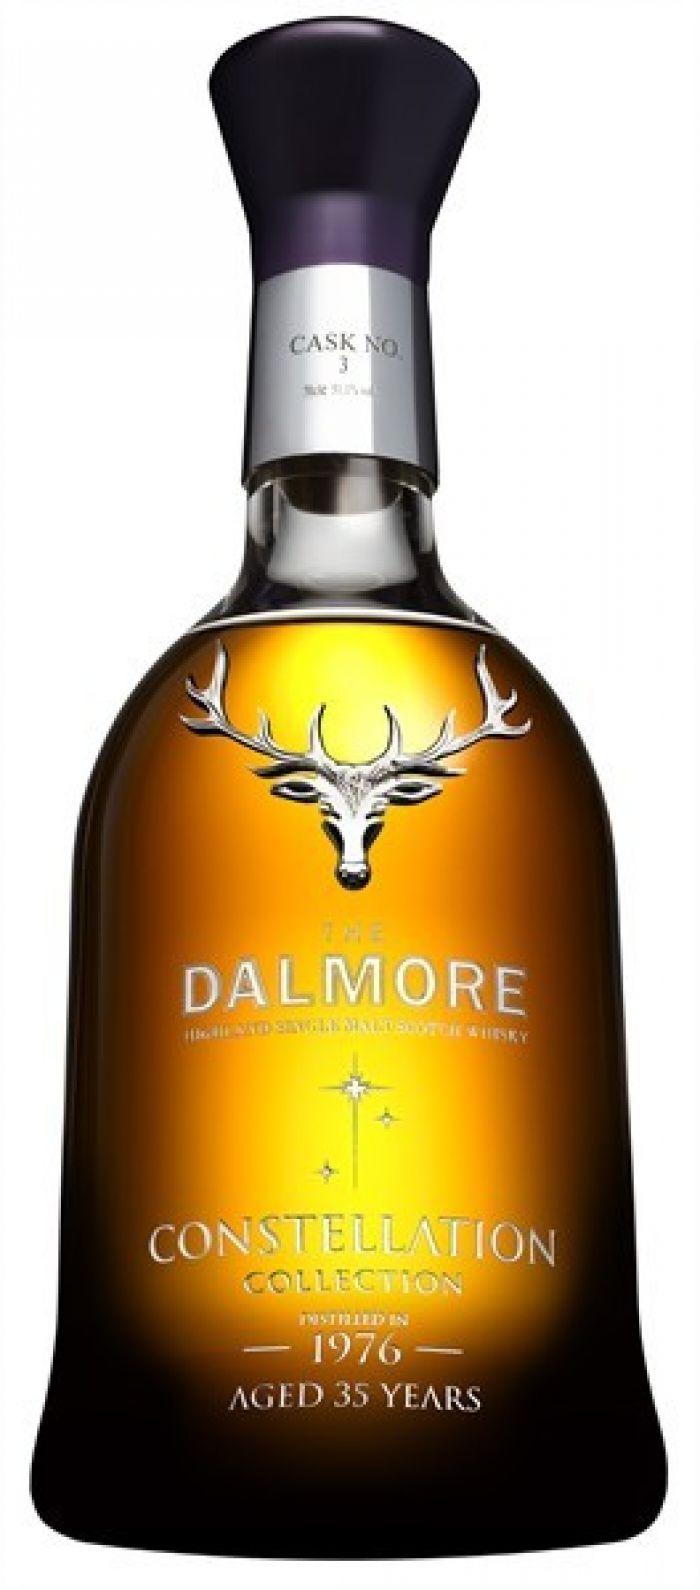 Dalmore 1976